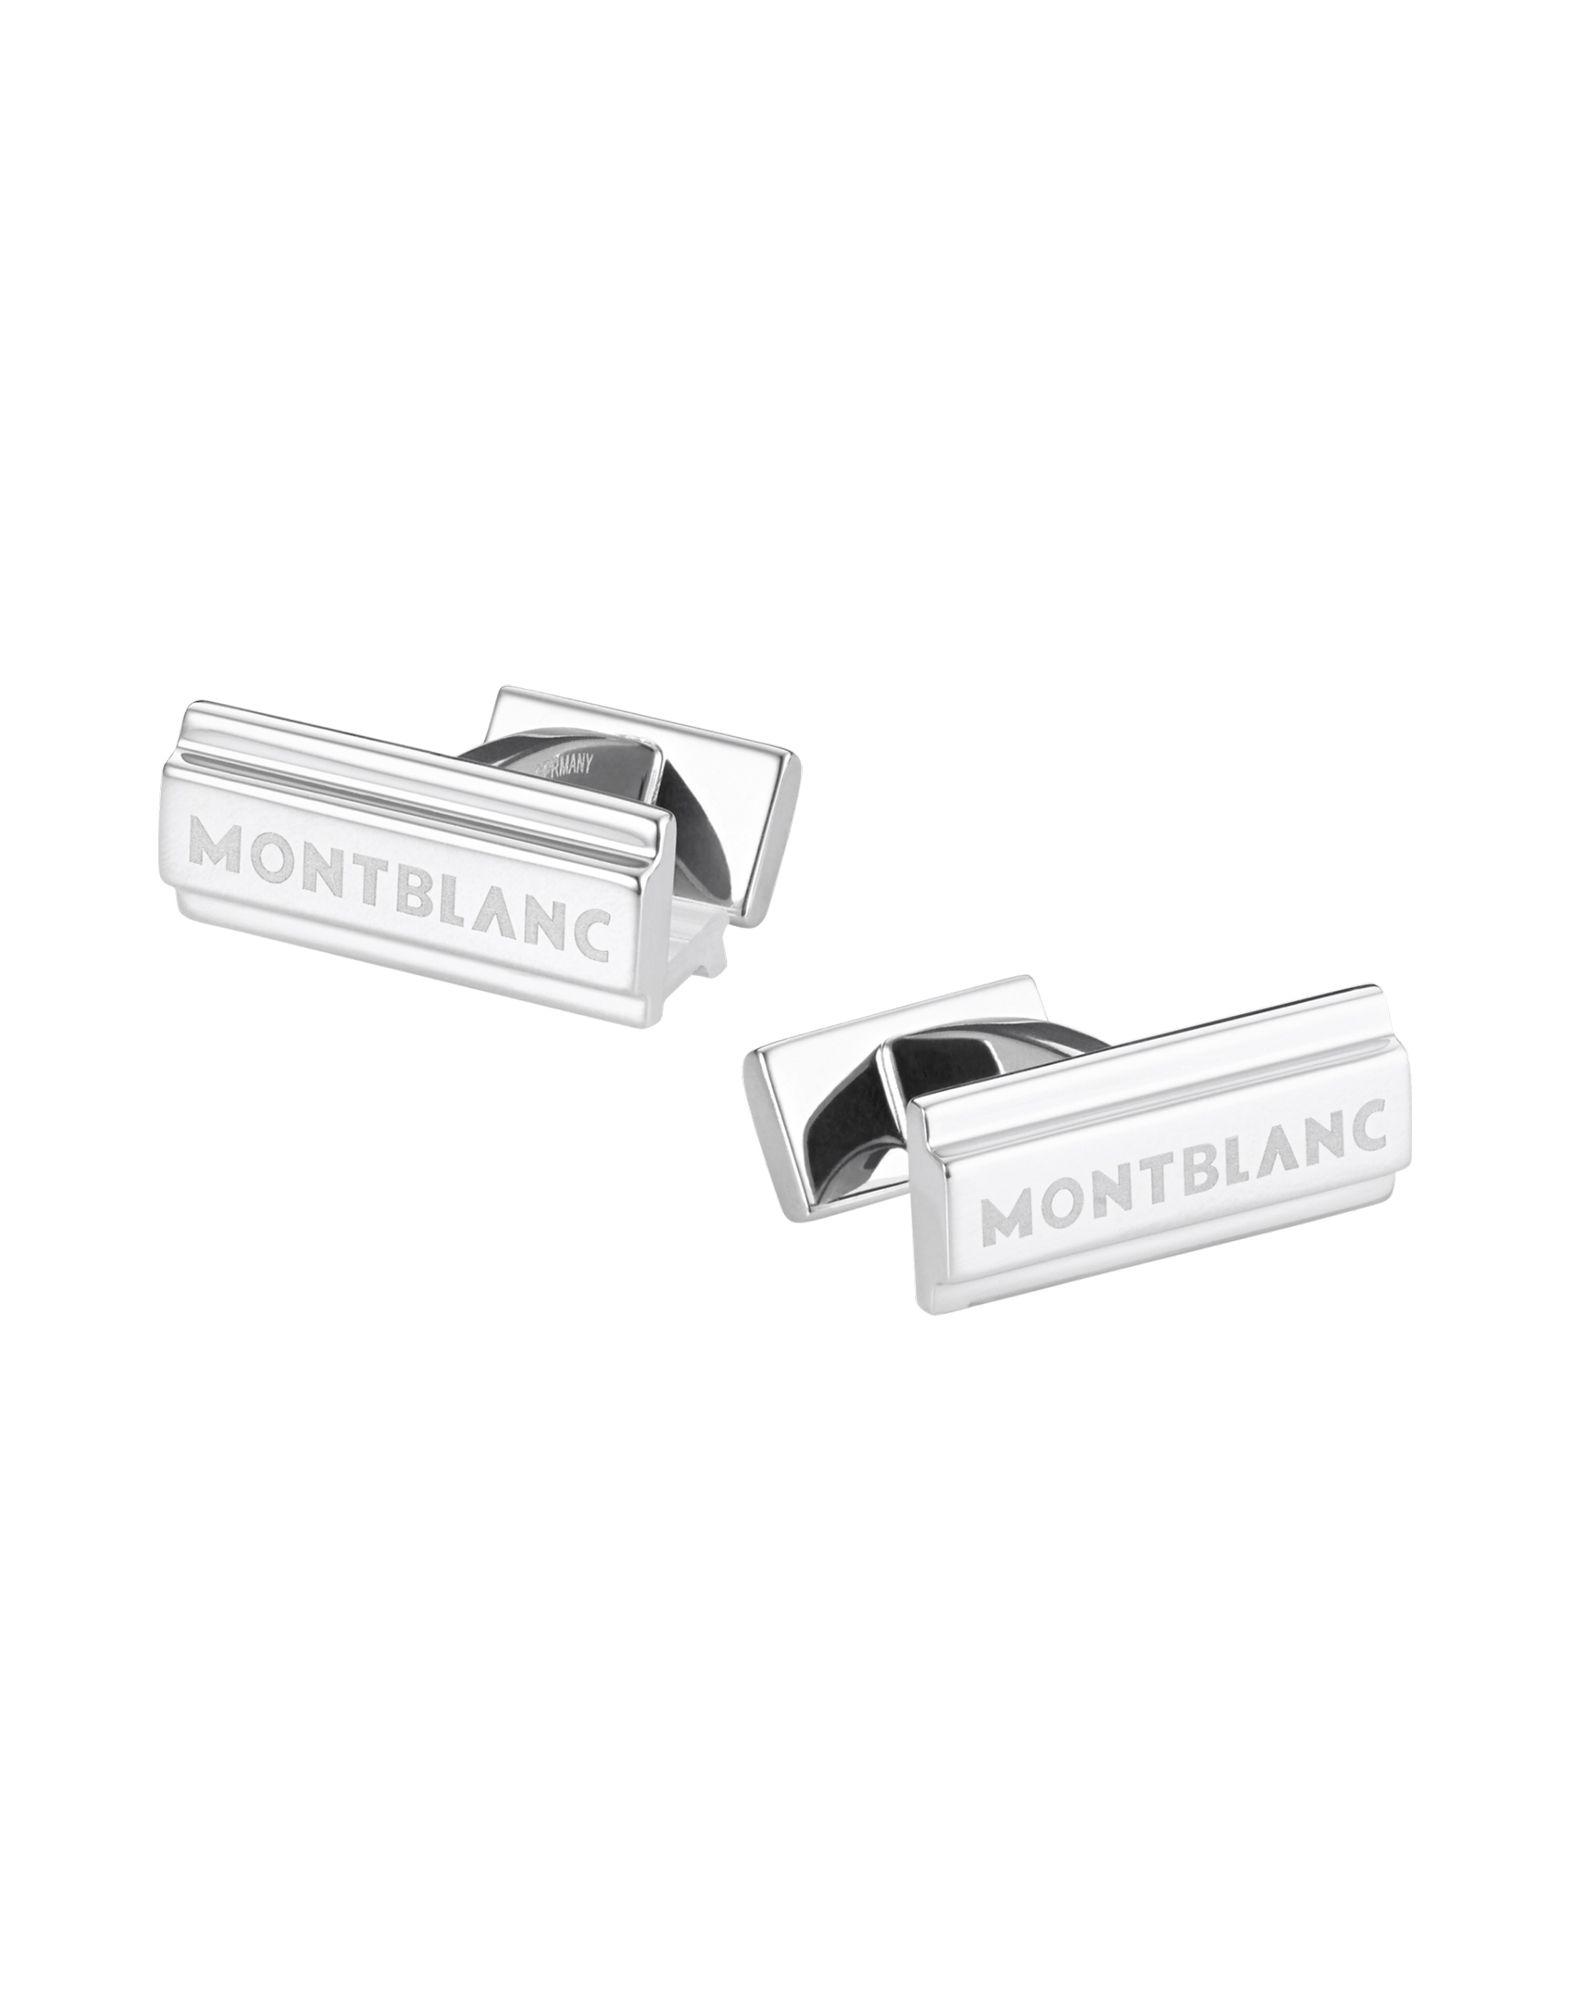 《送料無料》MONTBLANC メンズ カフリンク&タイピン シルバー 酸性染料 Cuff links, sterling silver, single bar